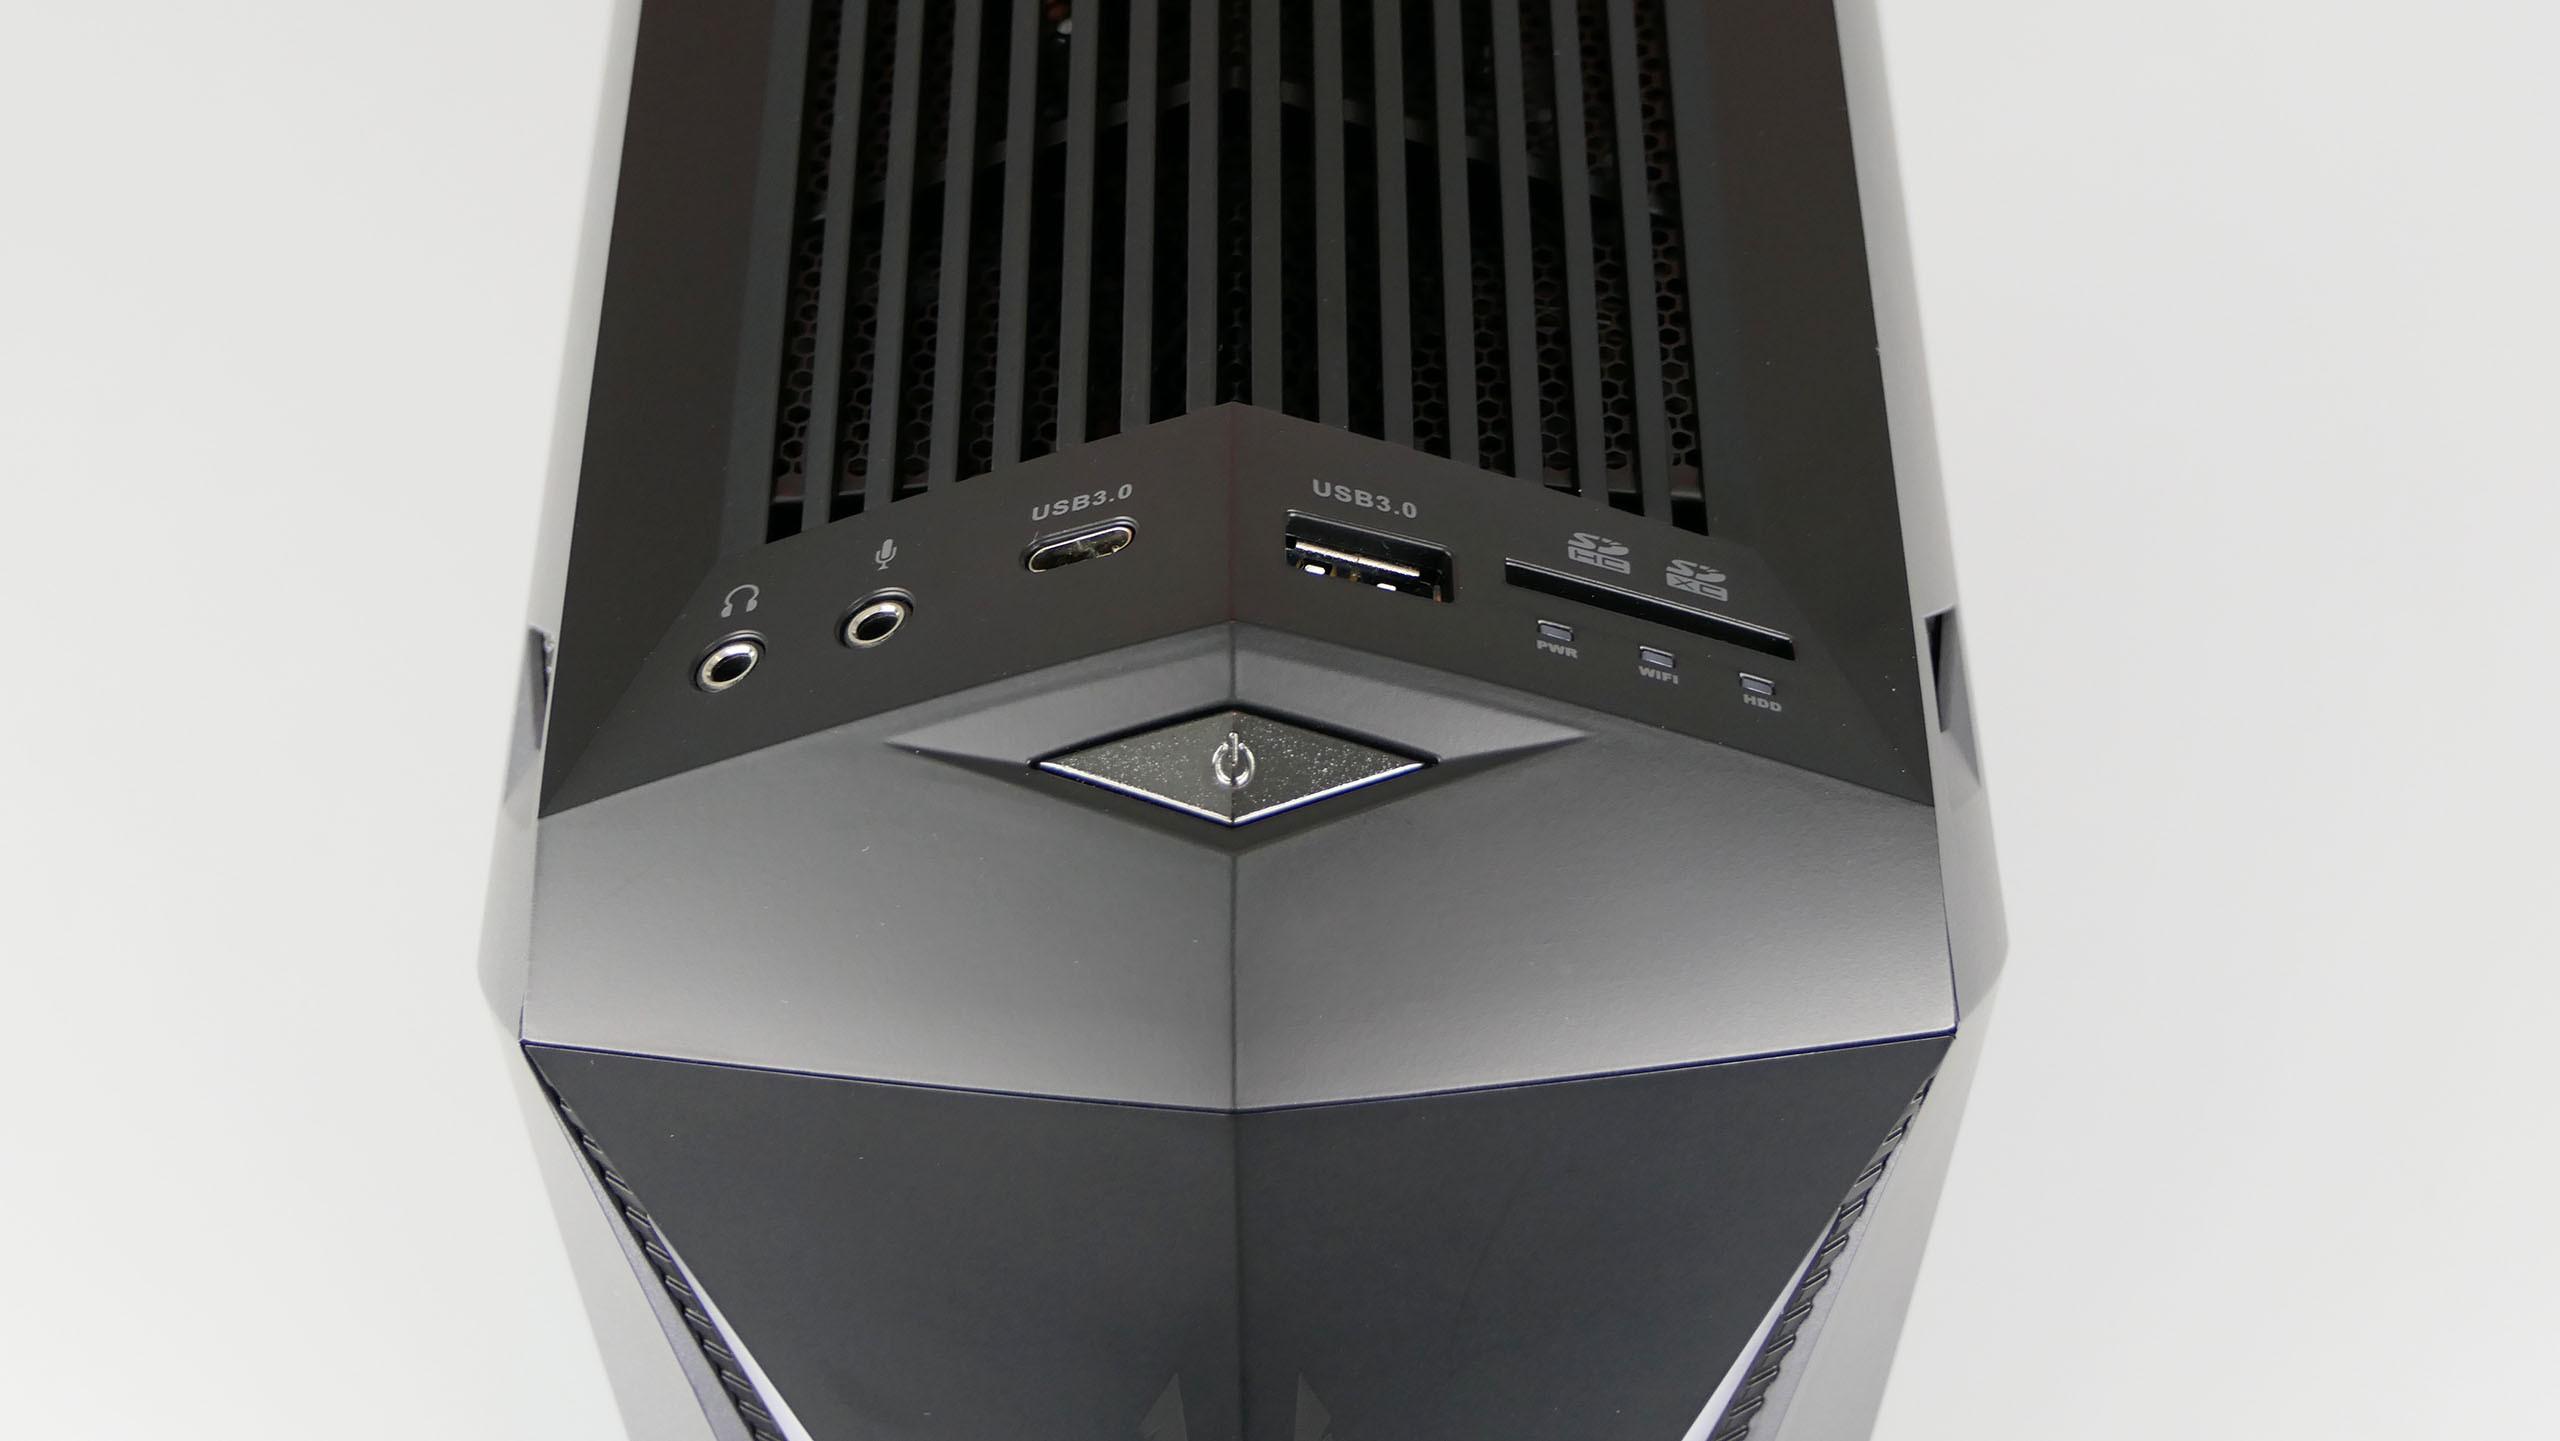 Zotac MEK Mini - porty nafroncie obudowy: audio out, audio in, USB 3.0 typu C, USB 3.0 czytnik kart pamięci